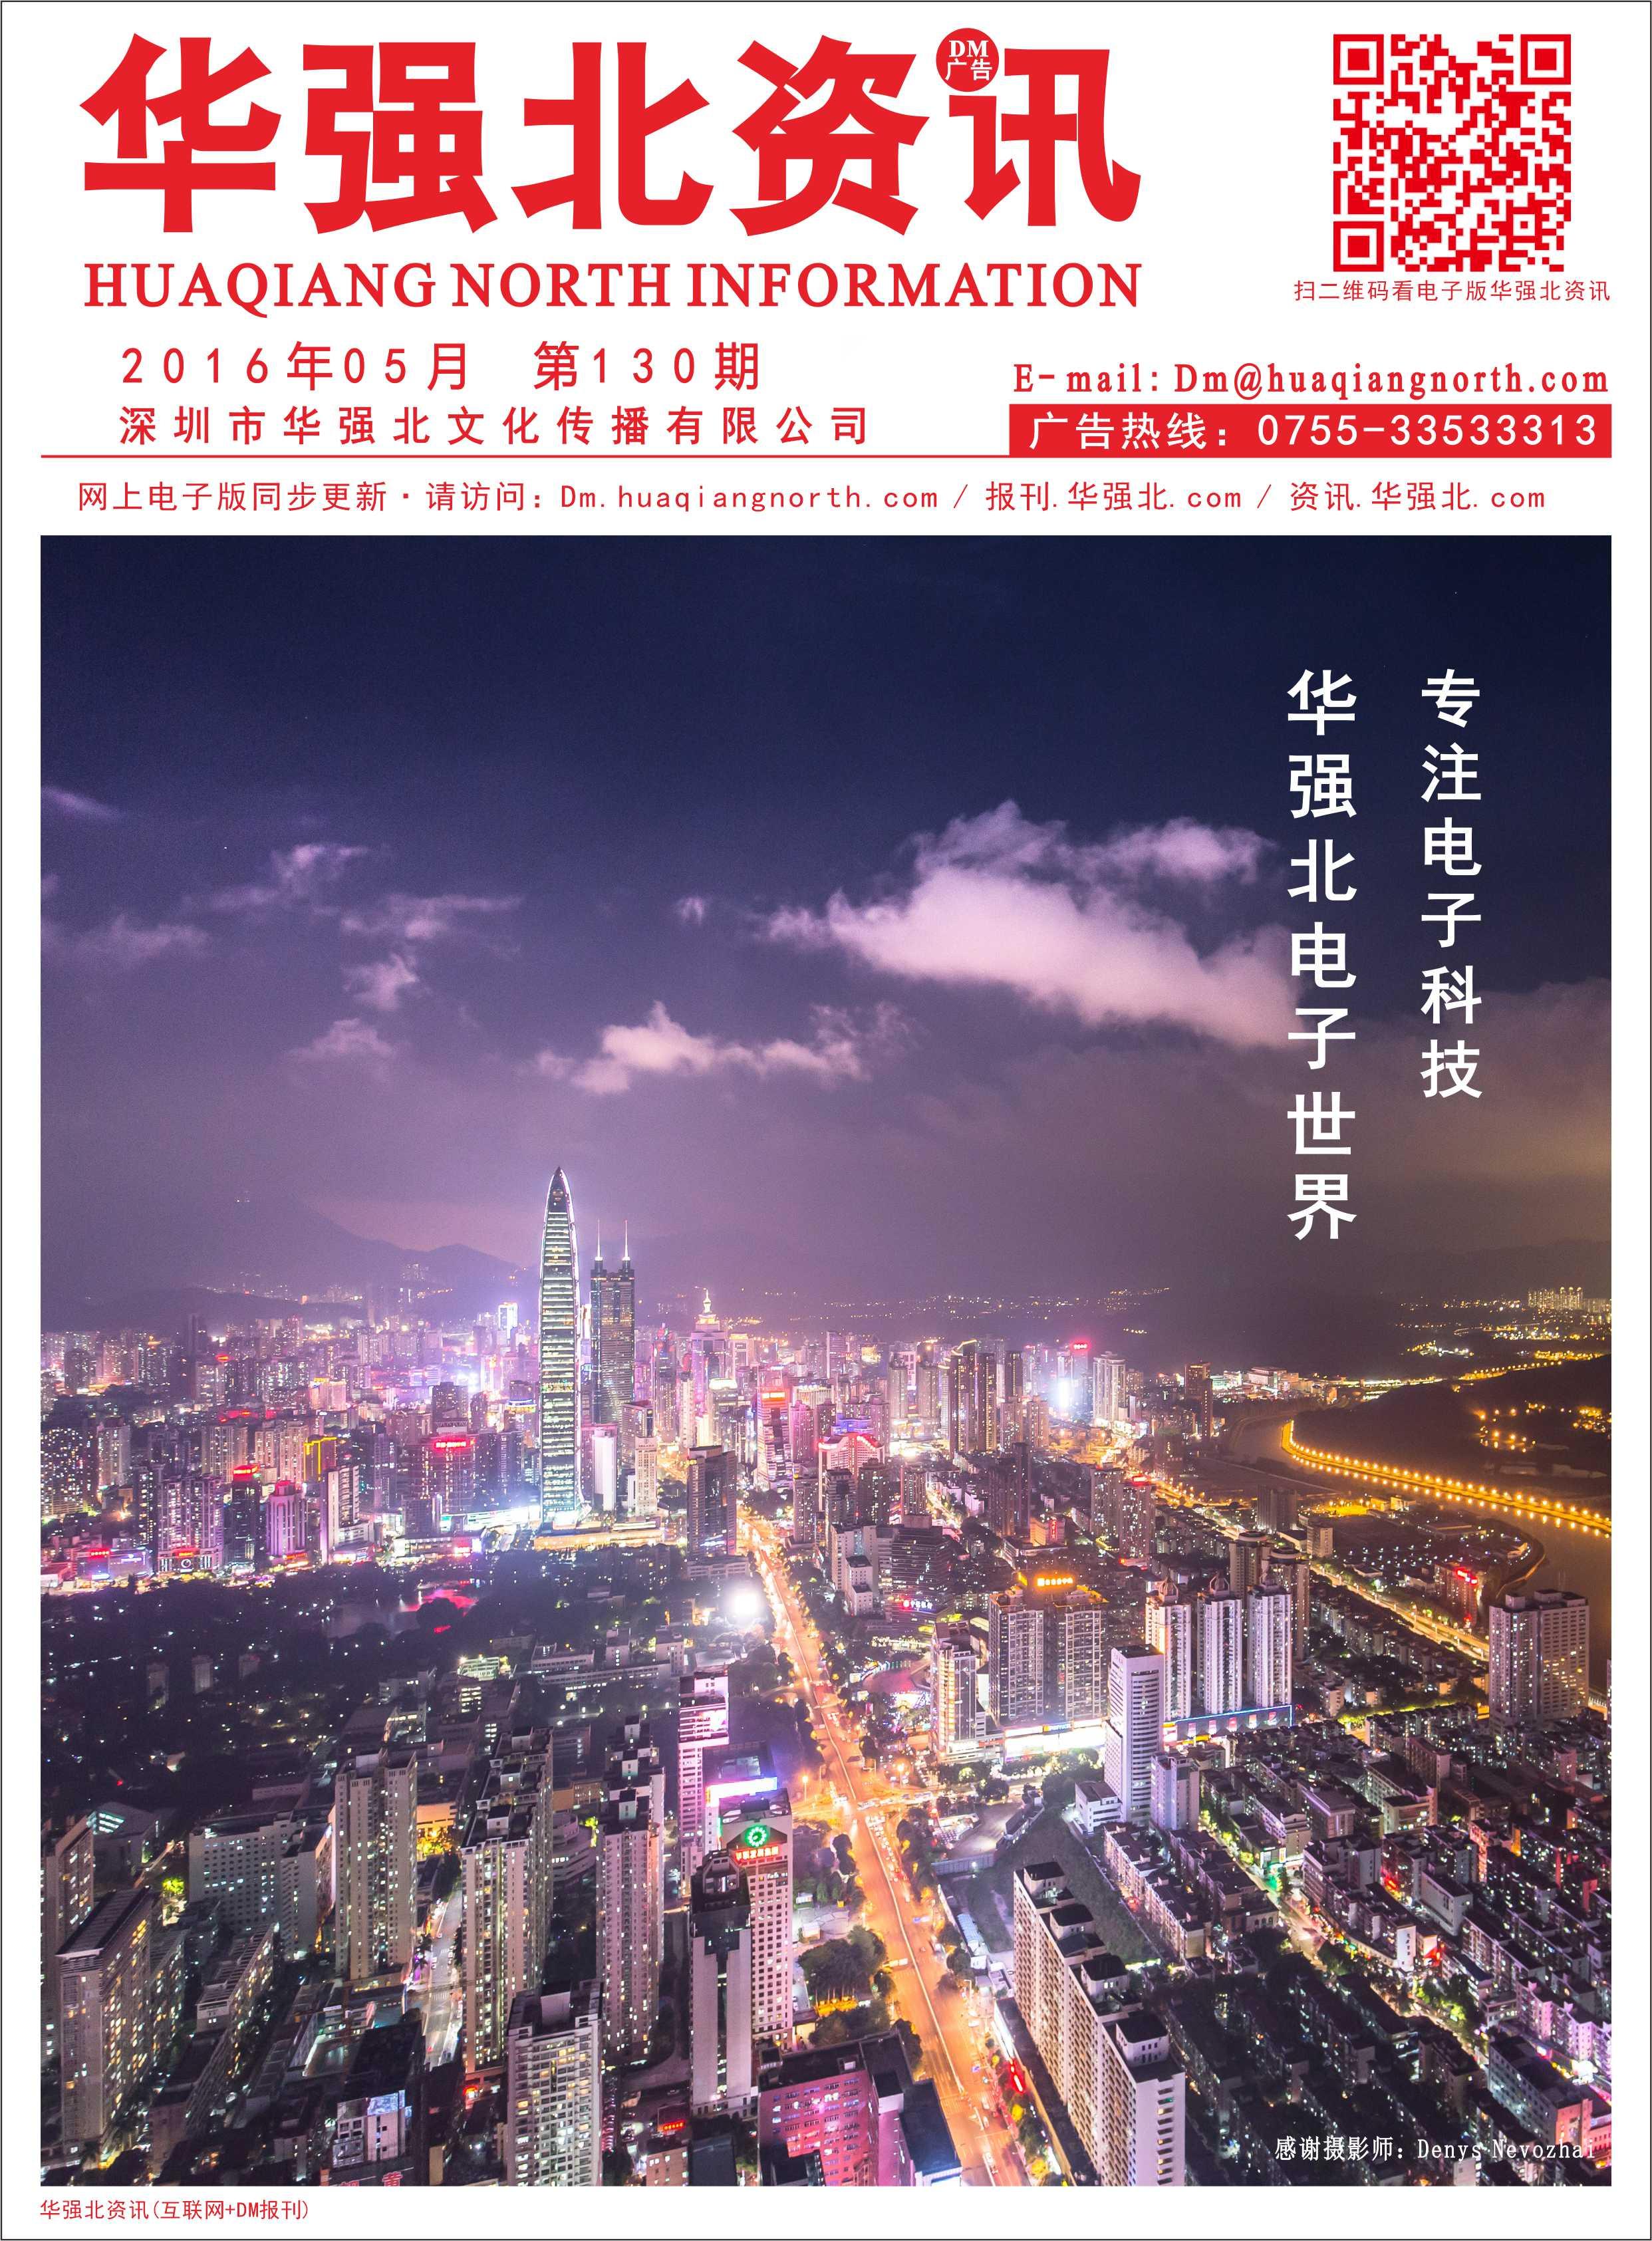 华强北资讯第130期